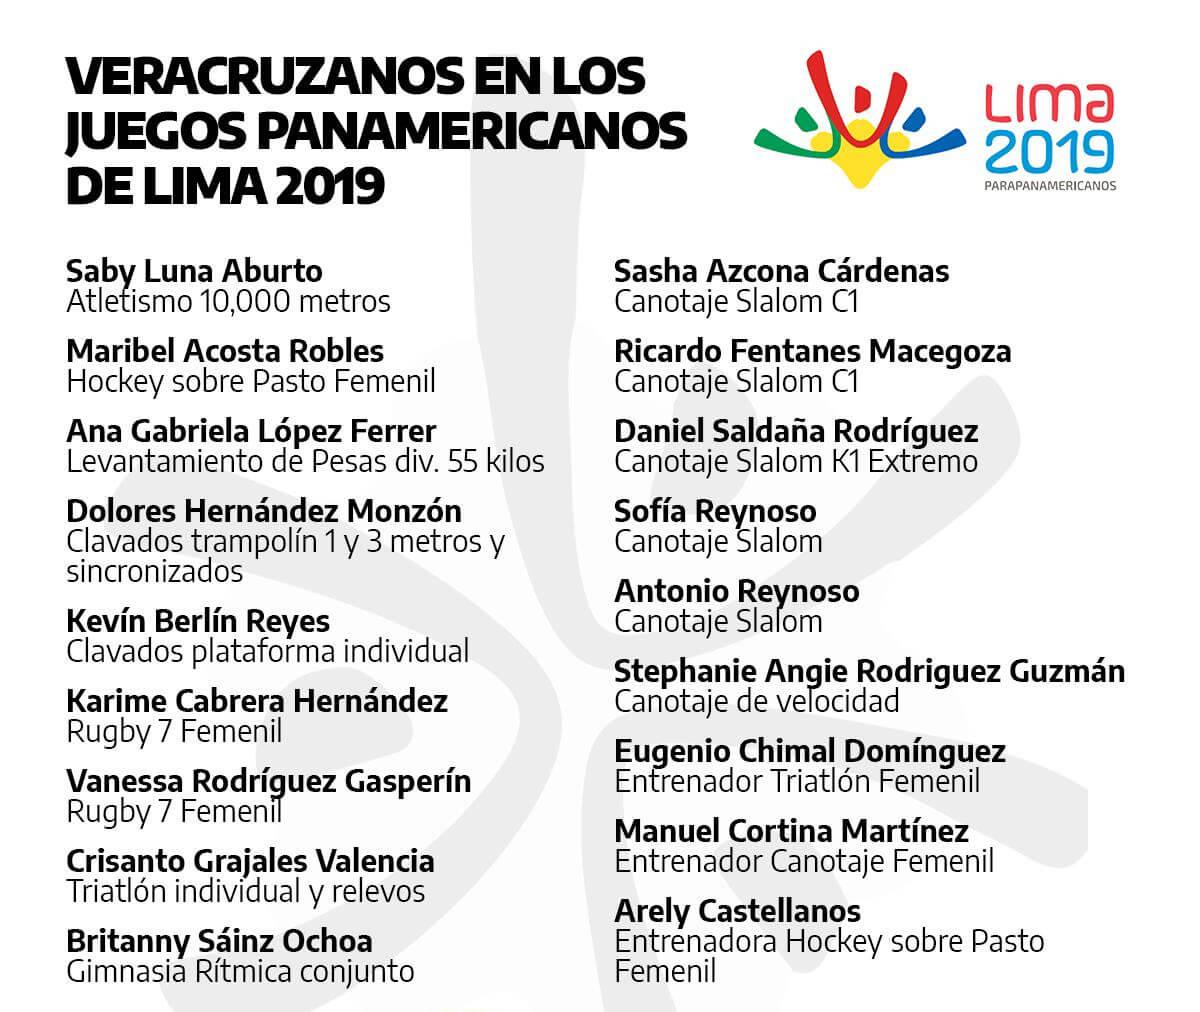 Quince deportistas y tres entrenadores es el aporte del estado de Veracruz para la delegación mexicana de los Juegos Panamericanos de Lima, Perú 2019, los cuales se desarrollarán del 26 de Julio al 11 de Agosto y en donde se repartirán boletos para Juegos Olímpicos de Tokio 2020.